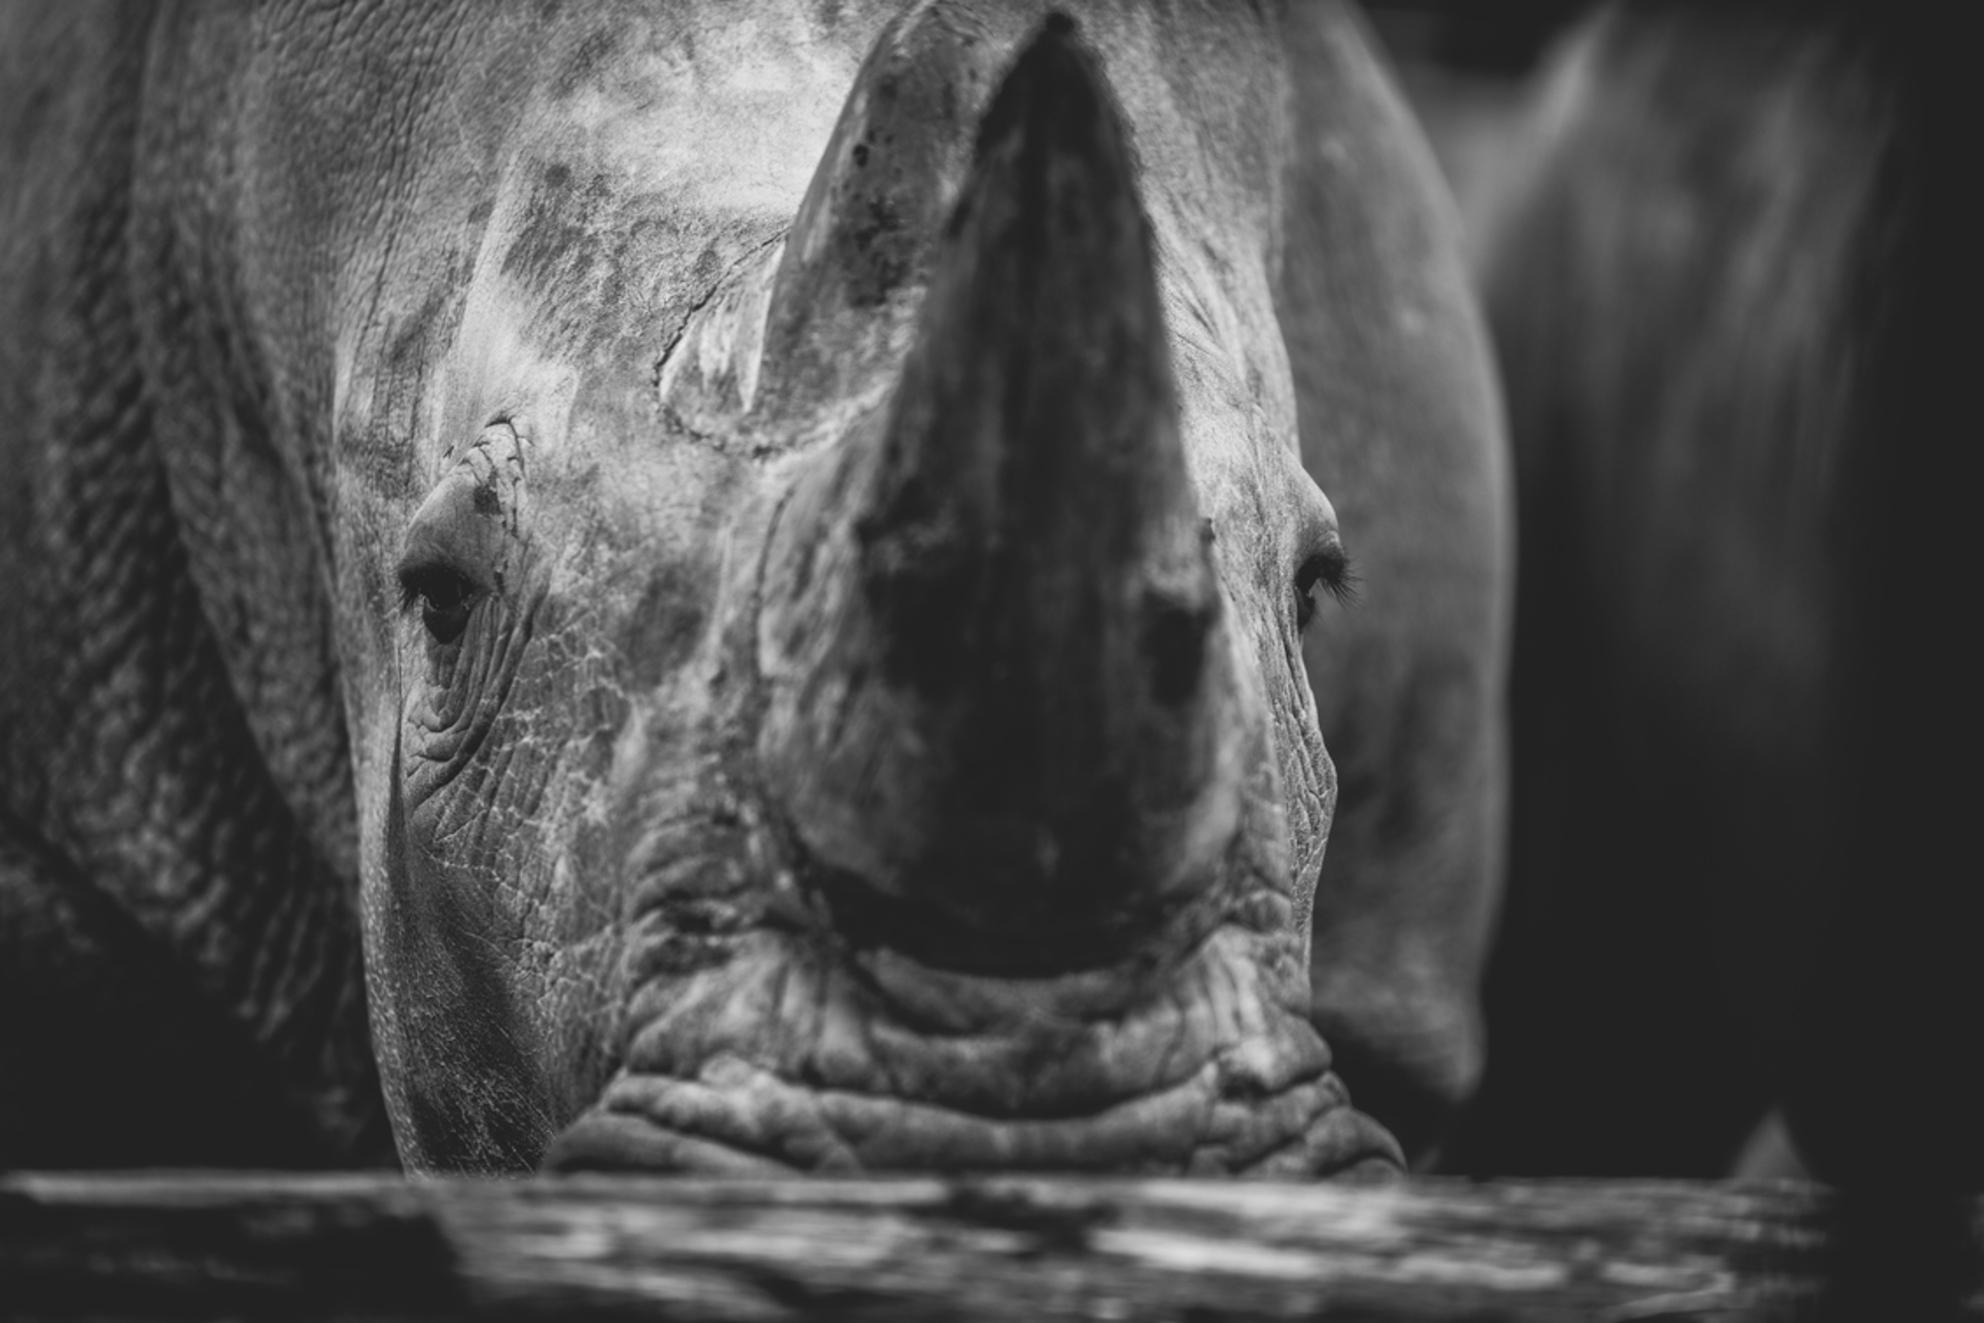 rhino portrait - Hongerige neushoorn die zen honger stilde door een boom op te peuzelen. - foto door deanXphotography op 25-02-2021 - deze foto bevat: dierentuin, dieren, zwartwit, afrika - Deze foto mag gebruikt worden in een Zoom.nl publicatie